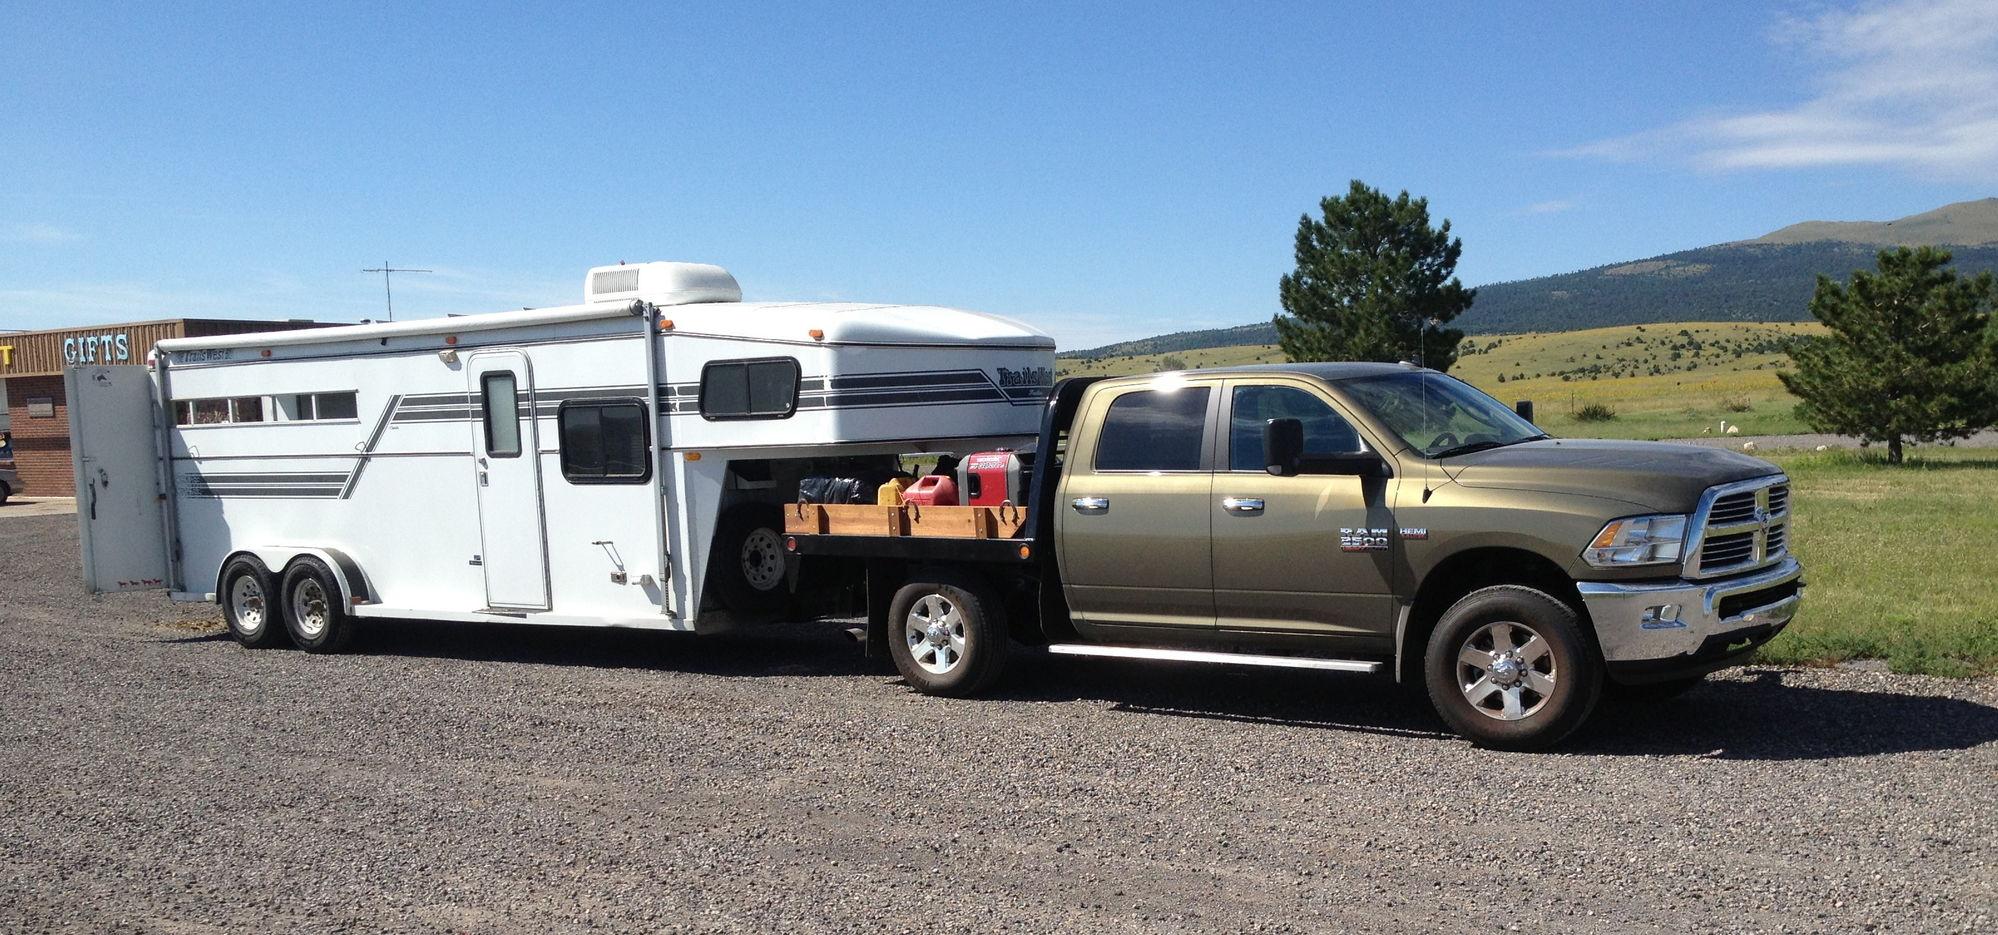 flatbed on new truck dodge diesel diesel truck resource forums. Black Bedroom Furniture Sets. Home Design Ideas